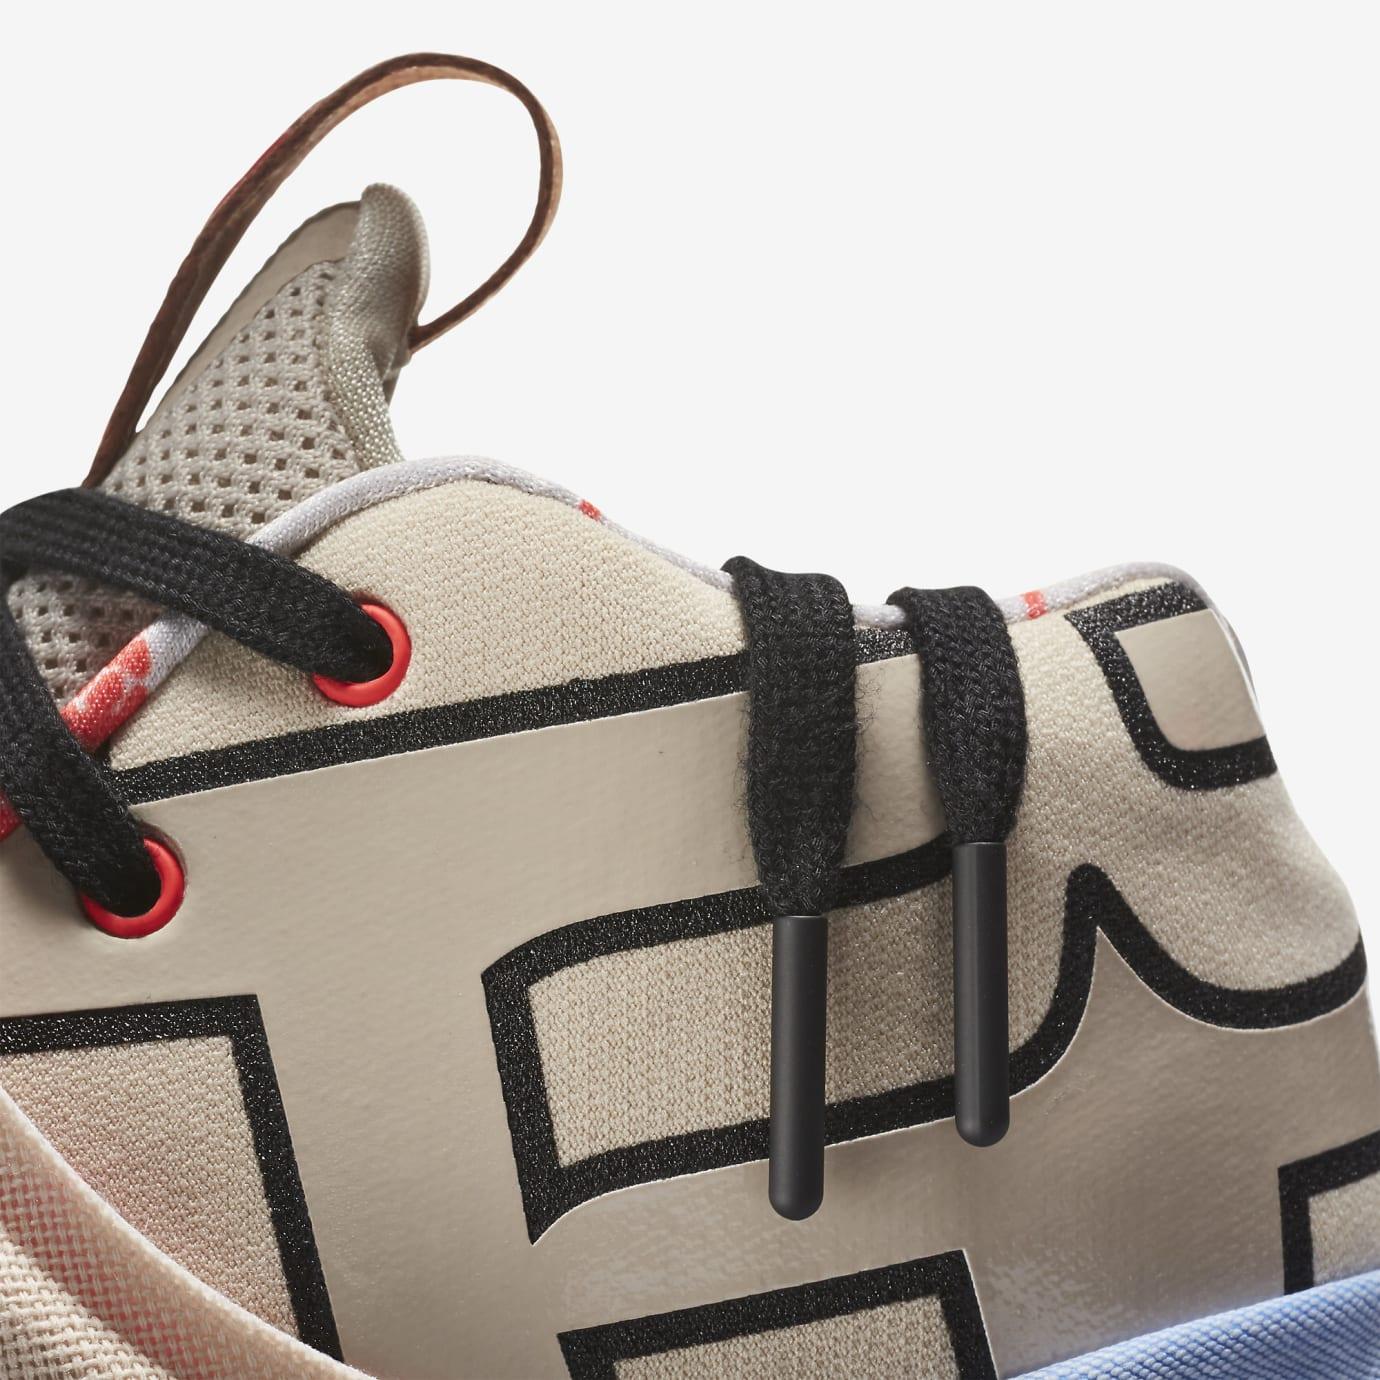 Nike Kyrie Hybrid AJ5165-900 Collar